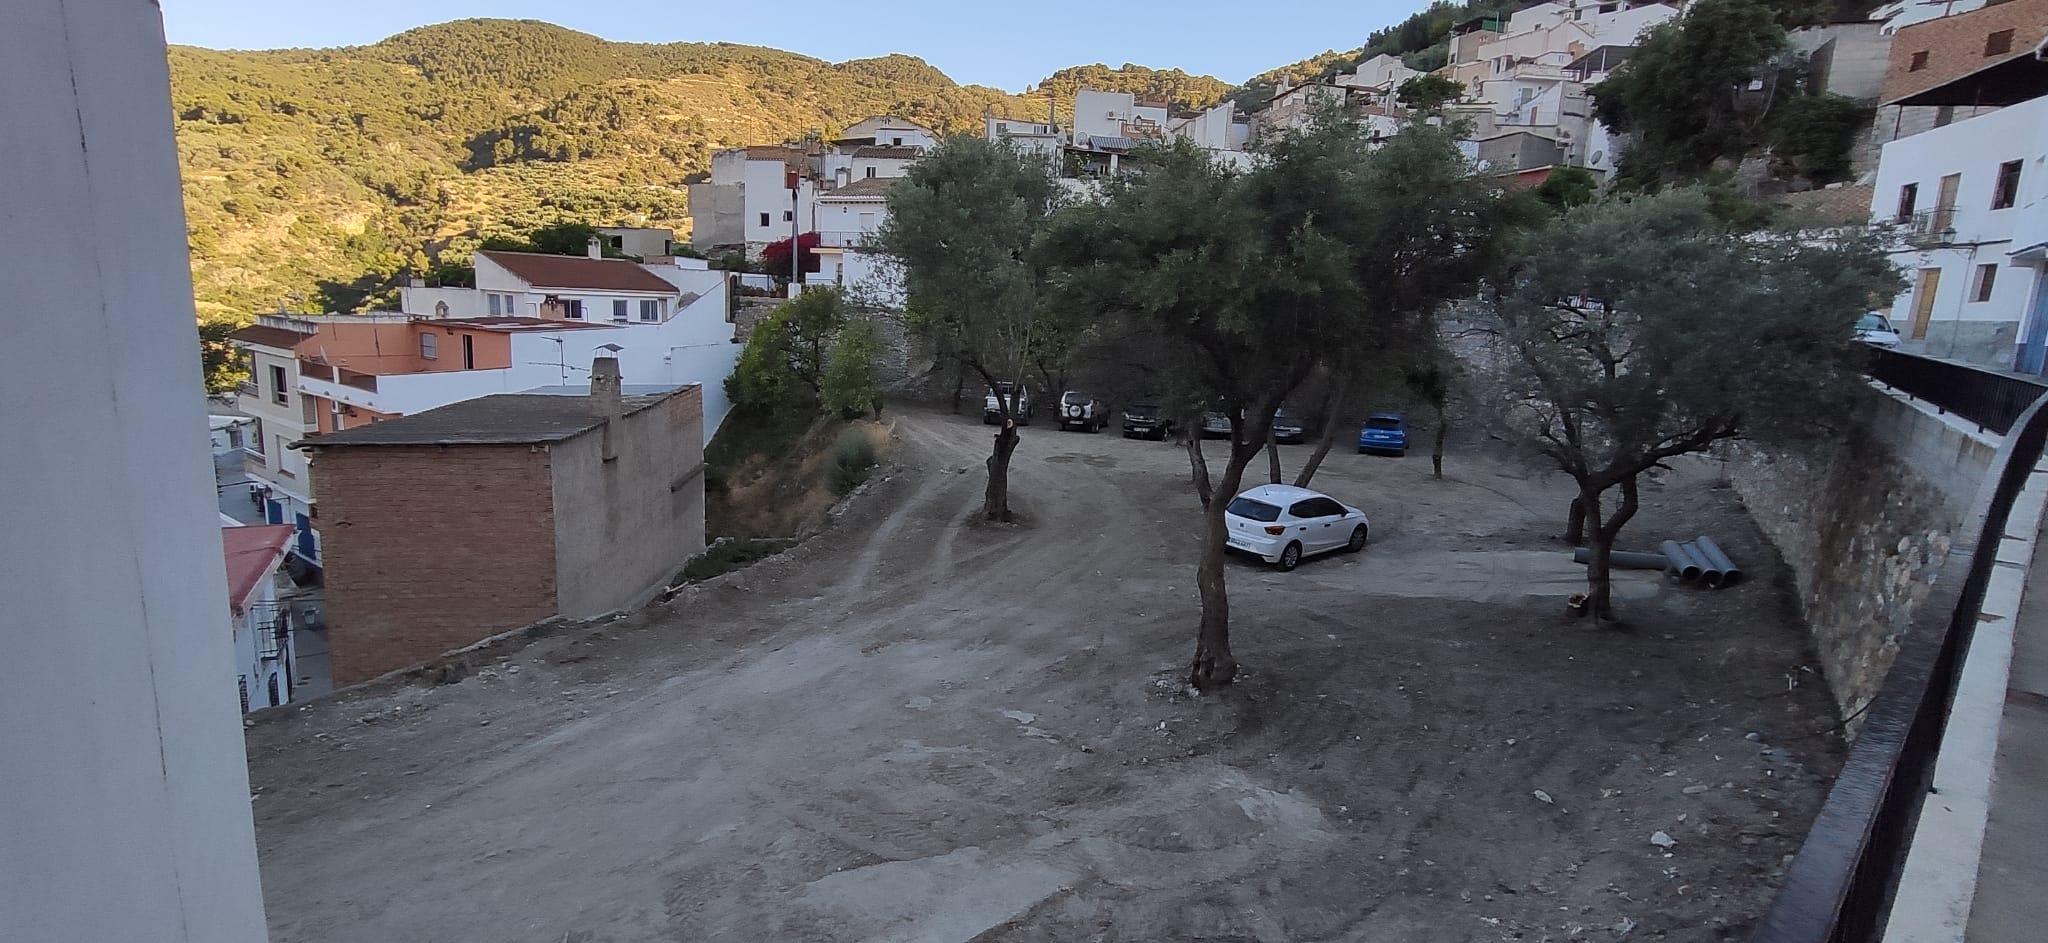 Terreno para aparcar donde habrá viviendas de protección oficial / D. Q.